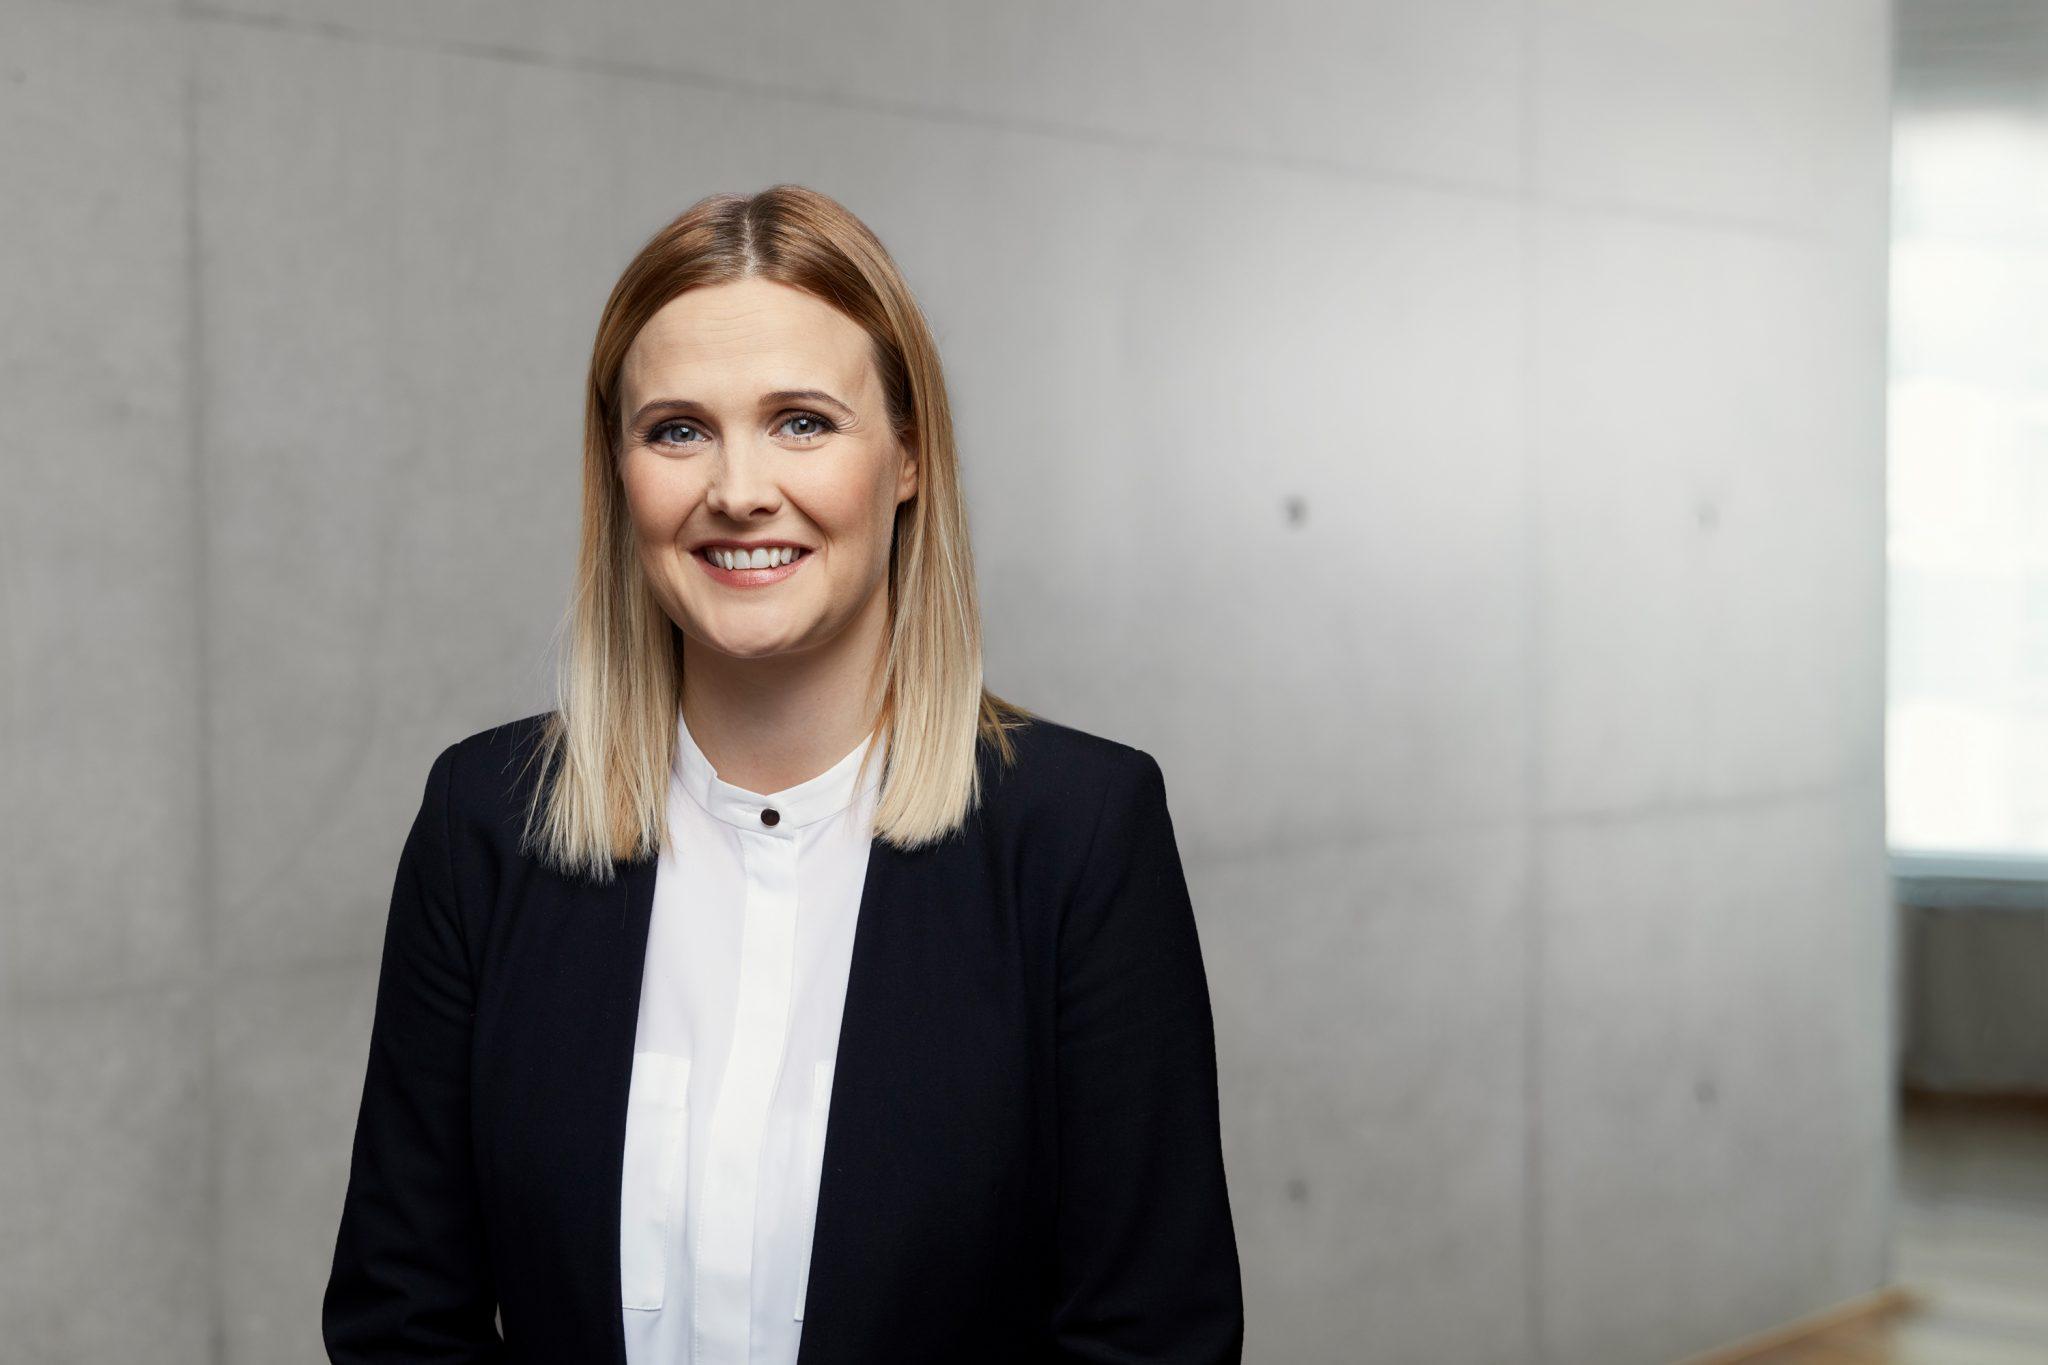 María Hrönn Guðmundsdóttir